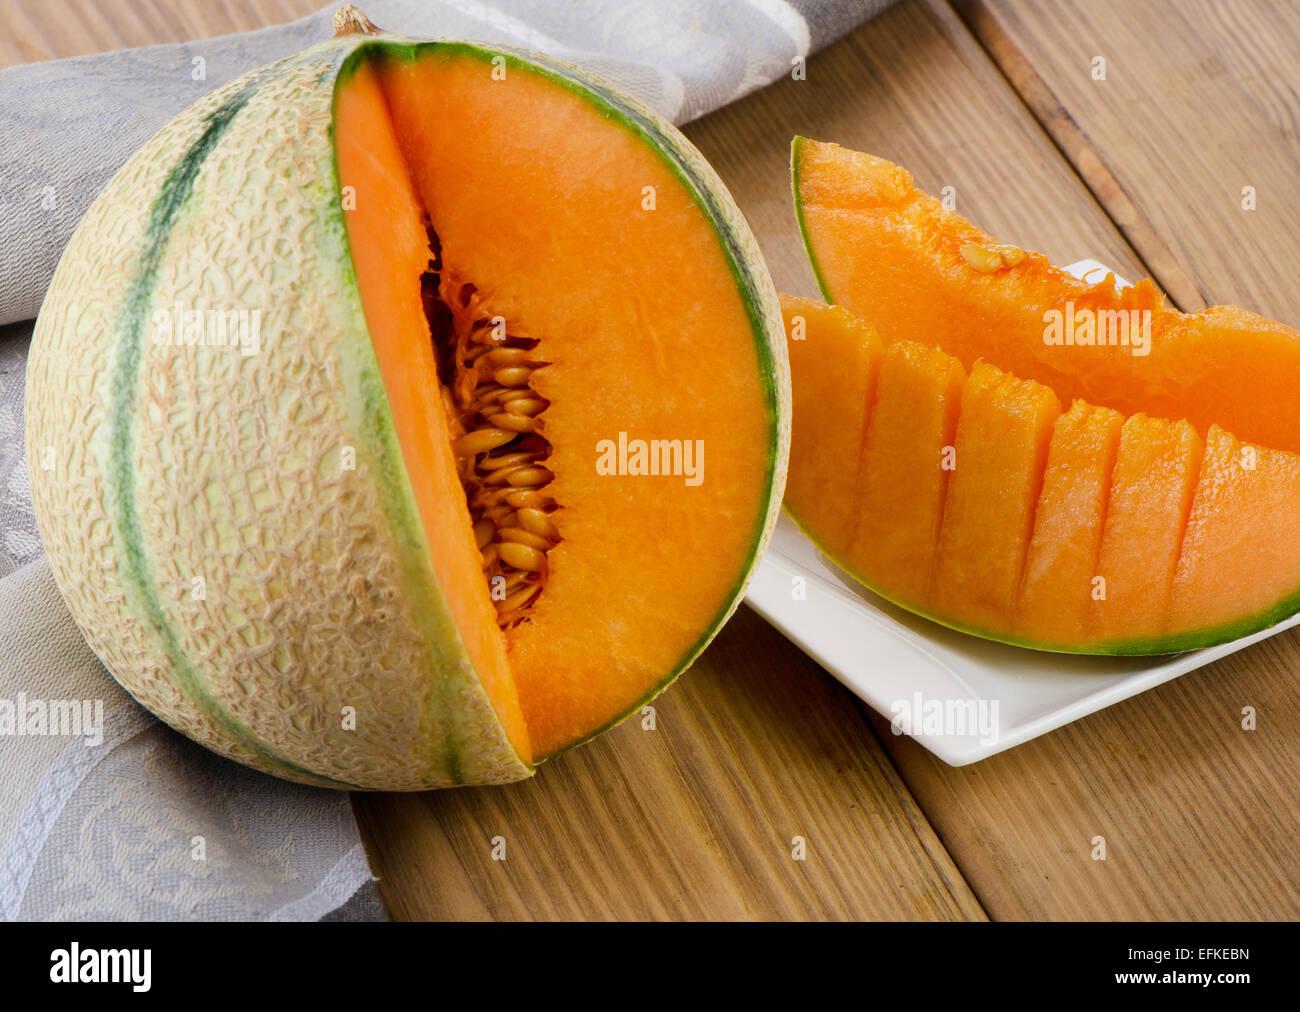 Melon sur table en bois. Selective focus Photo Stock